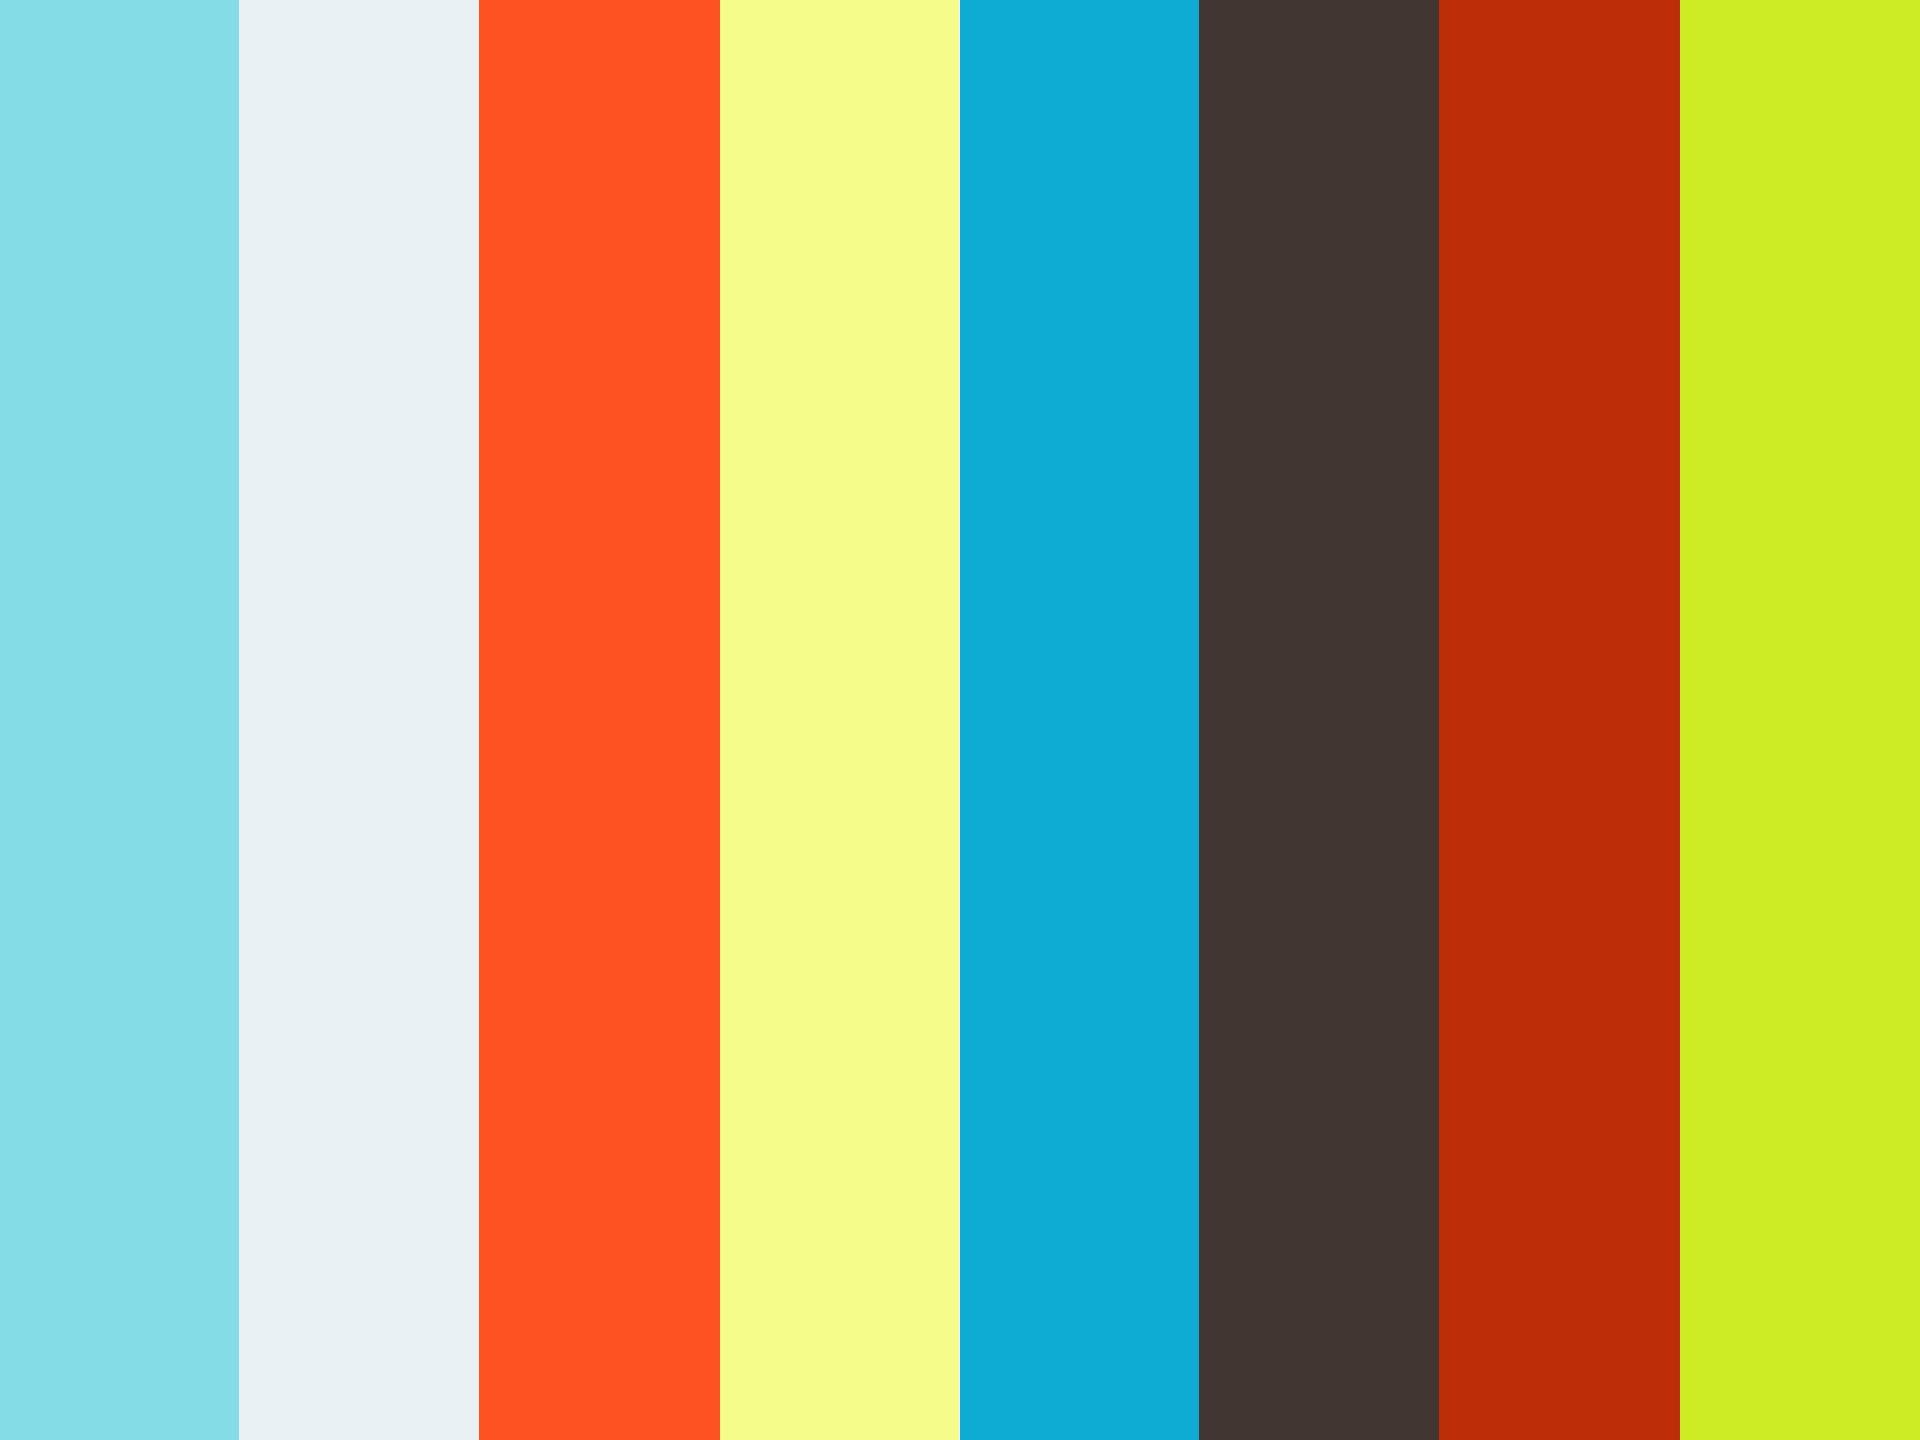 Обслуживание стиральных машин bosch Строгинское шоссе сервисный центр стиральных машин электролюкс Средний проезд (хутор Брехово)